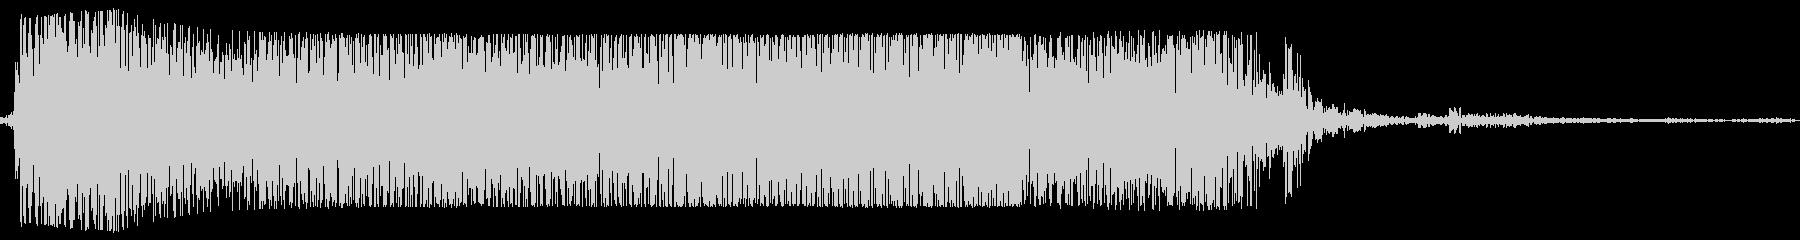 ギターメタルパワーコードzp wの未再生の波形